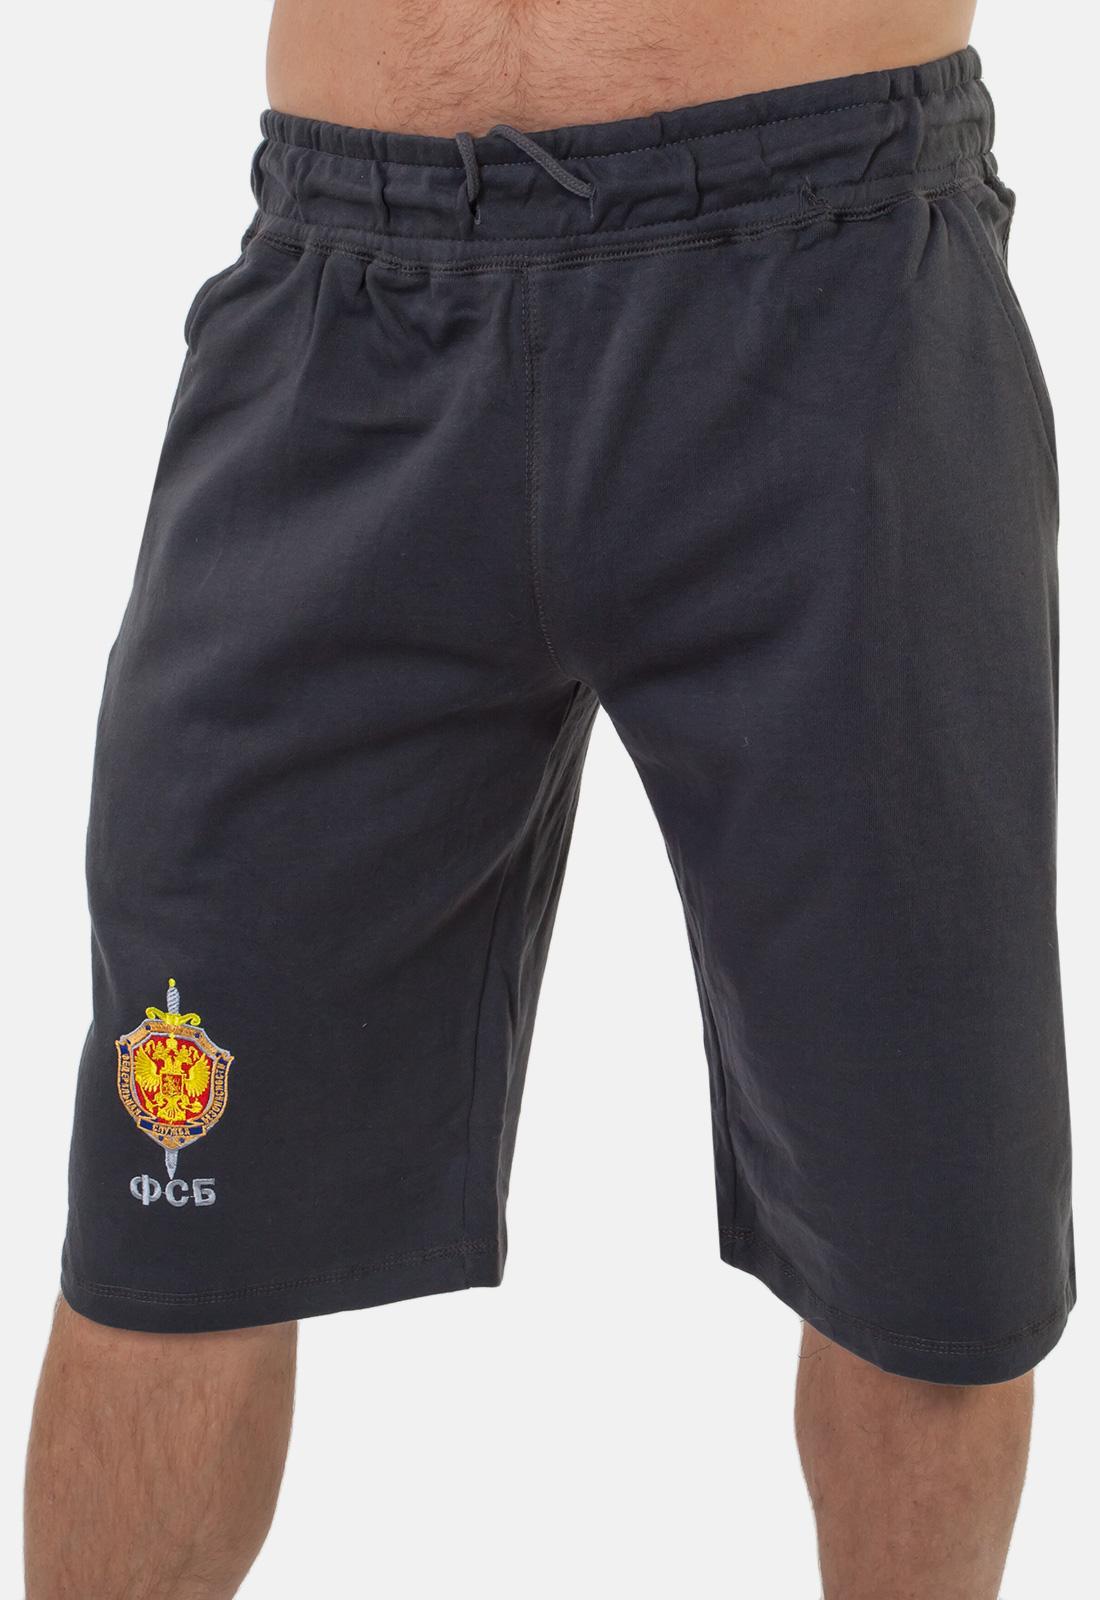 Купить в военторге Военпро мужские шорты ФСБ